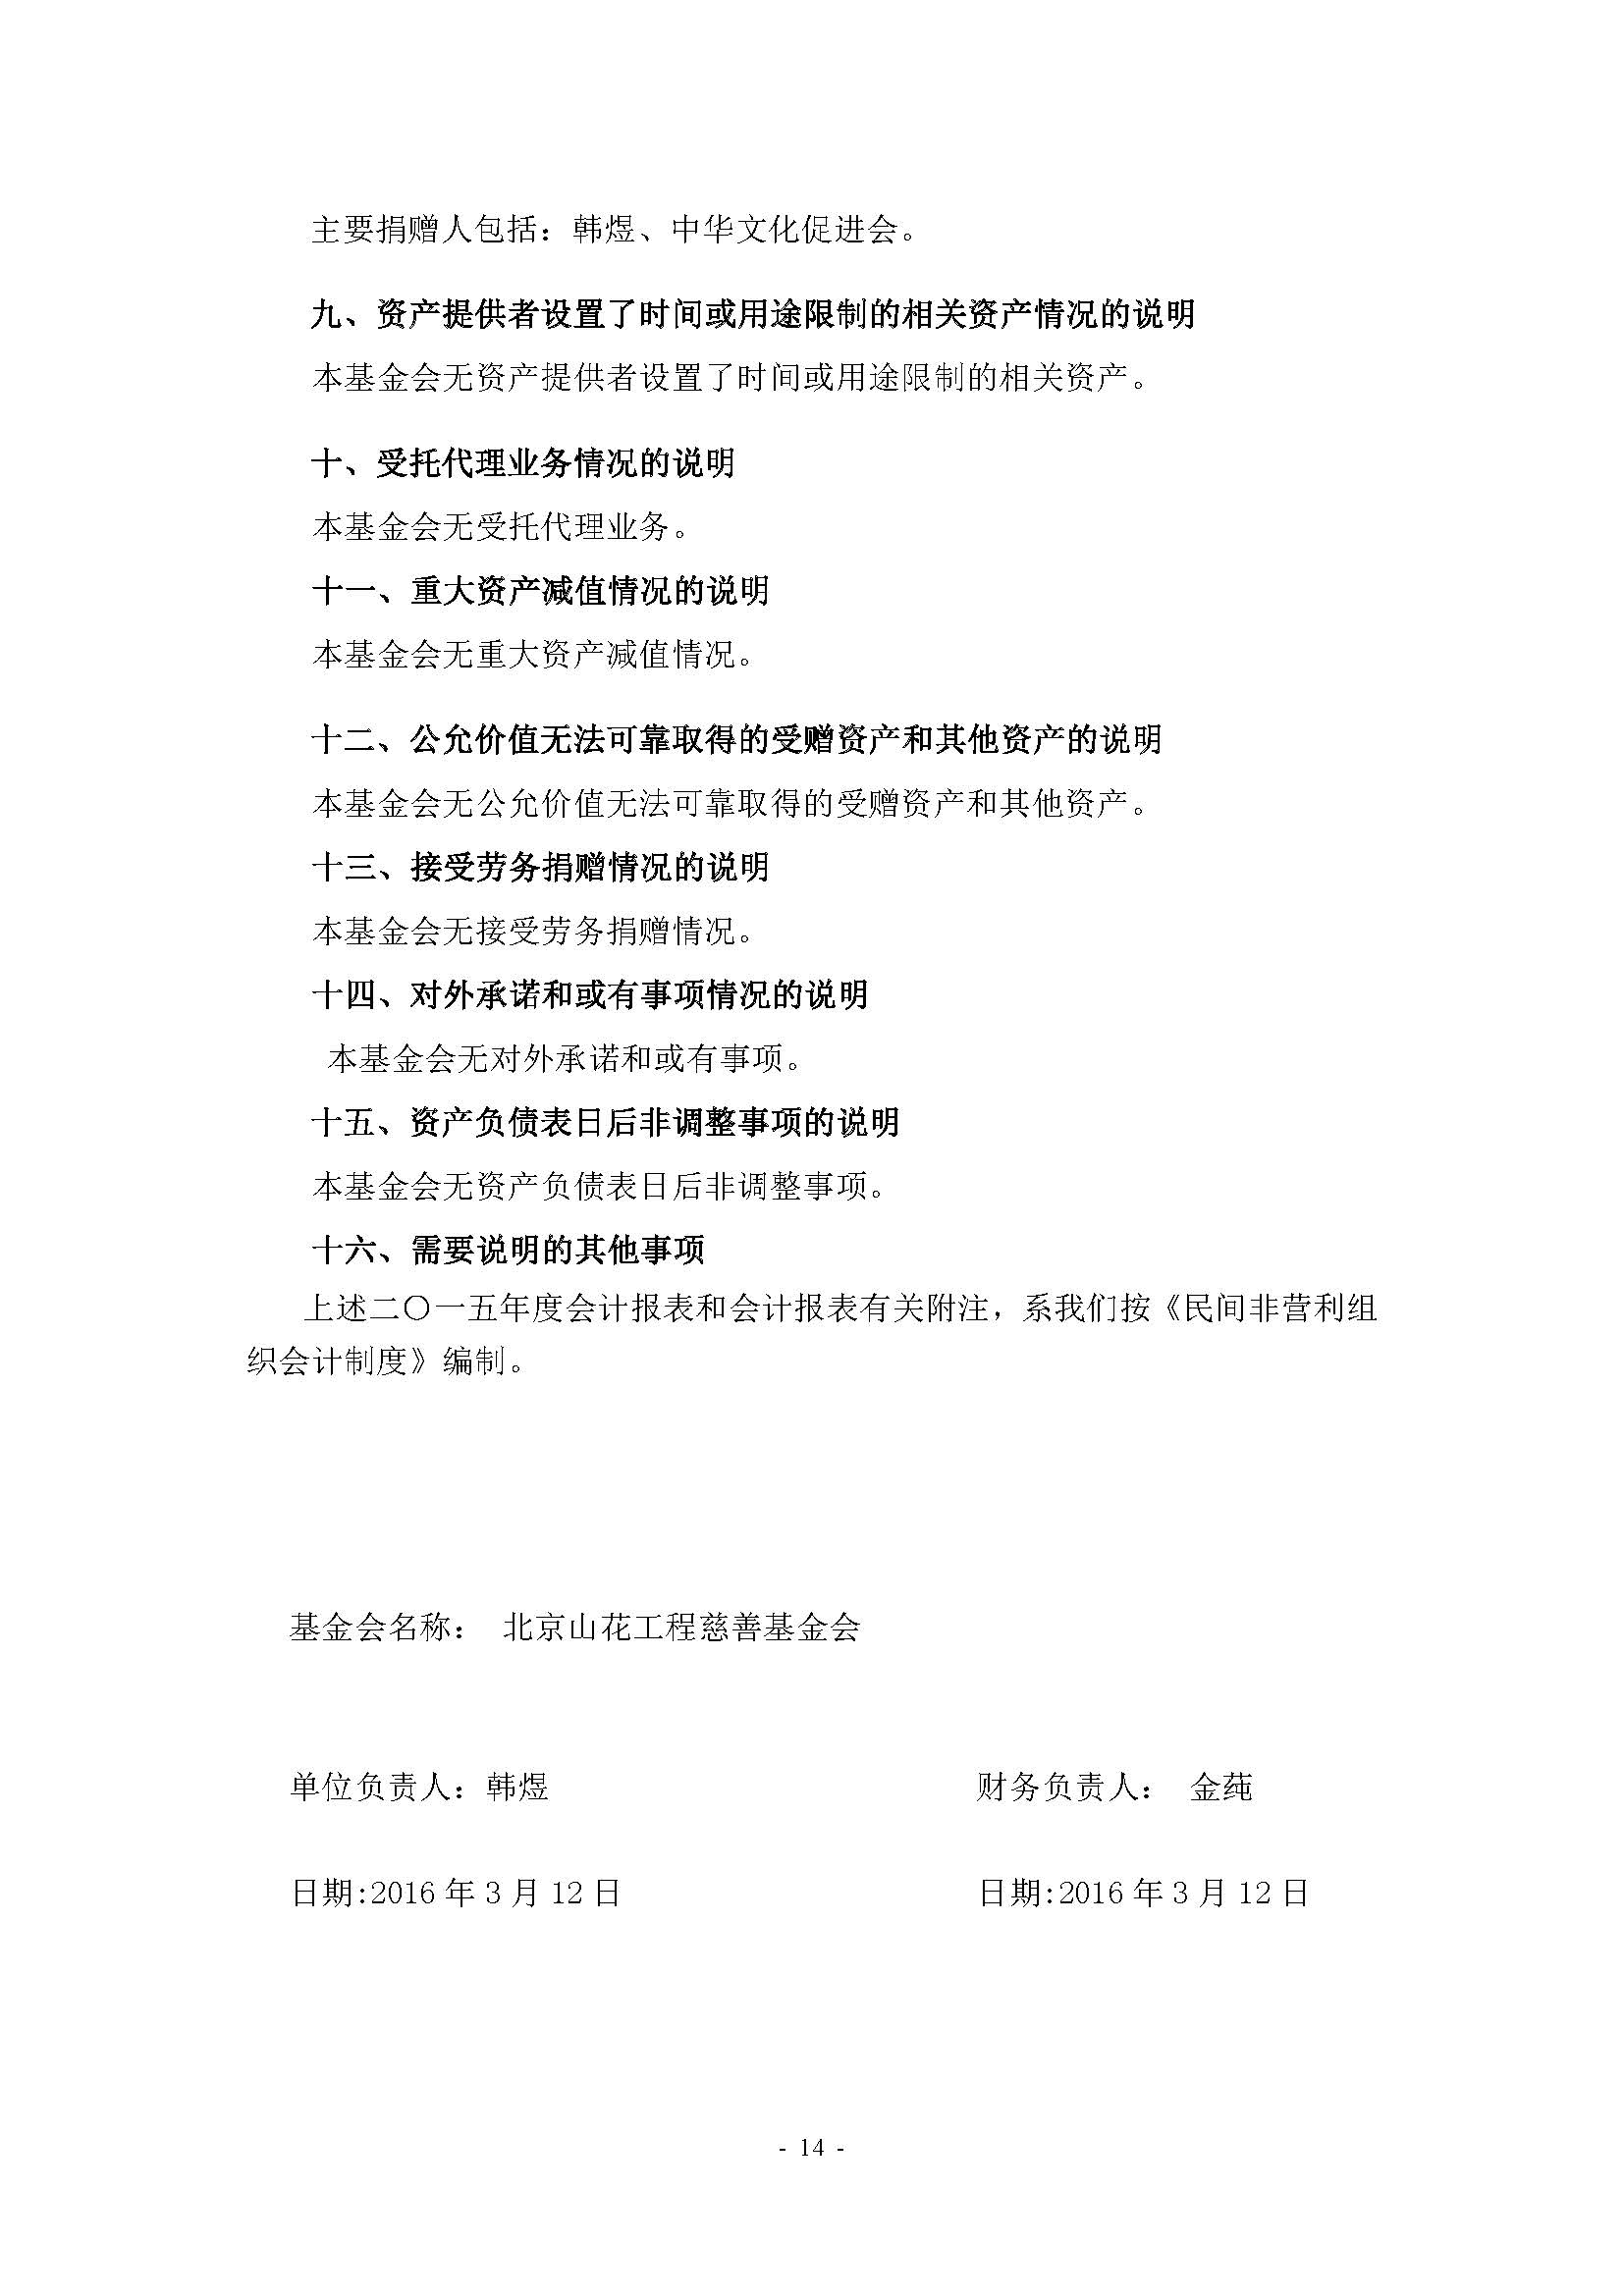 [2016]3016#山花工程基金会审计报告(电子签章)_页面_15